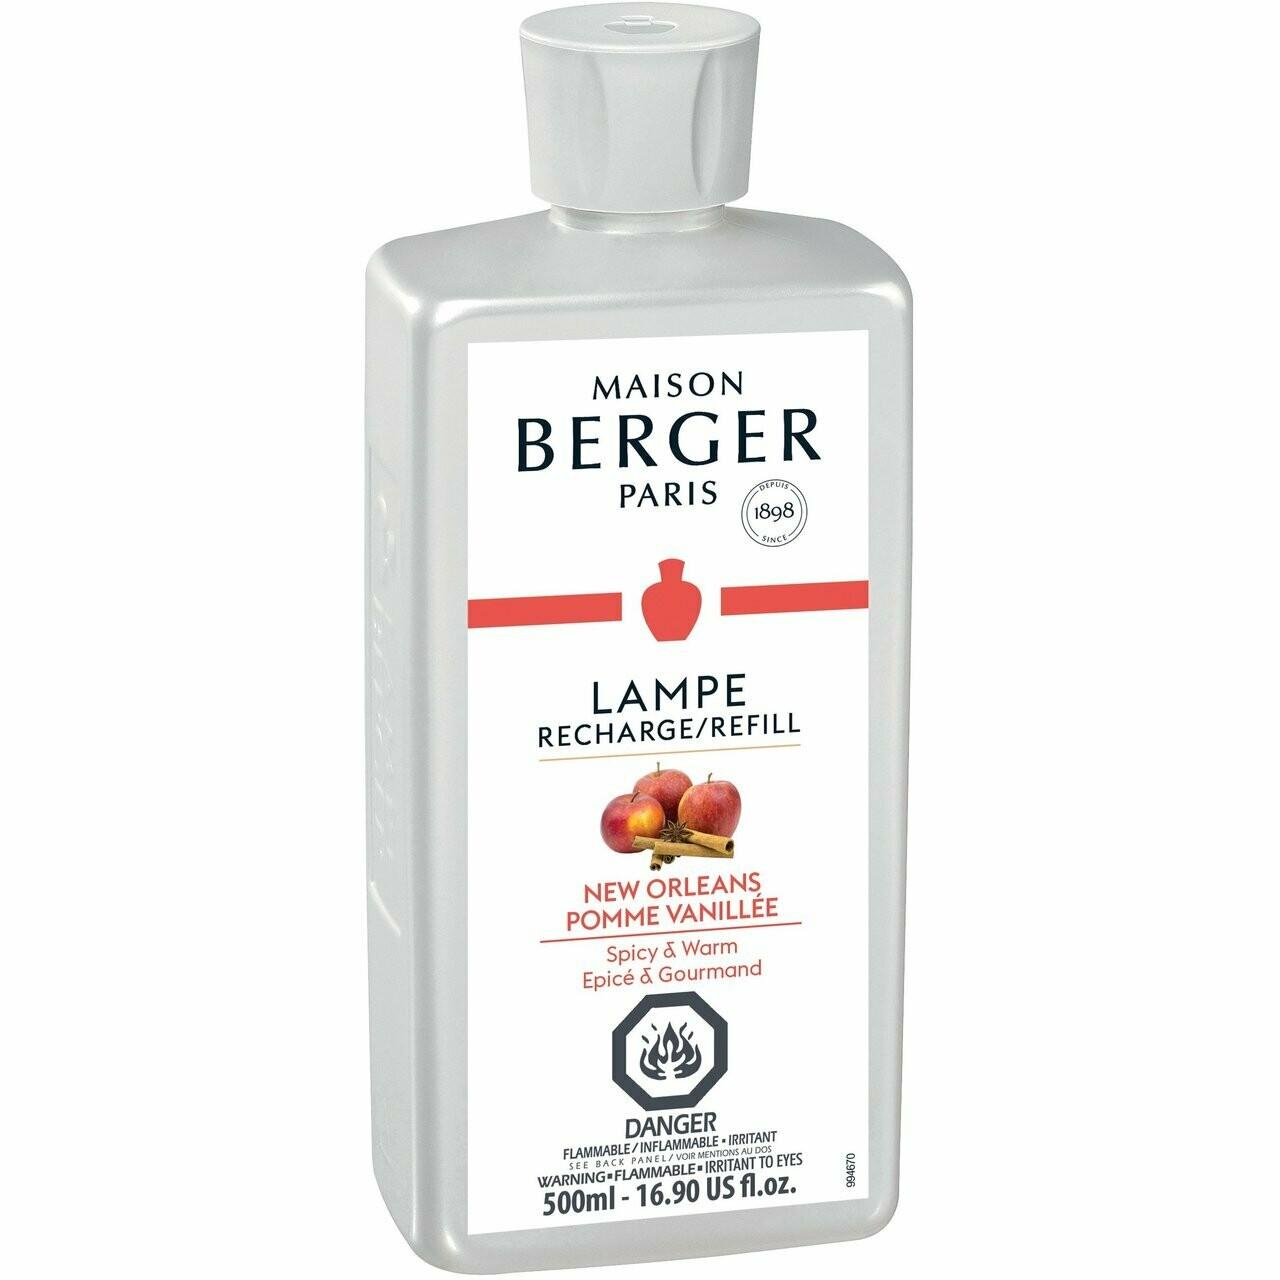 New Orleans 500 ml Fragrance